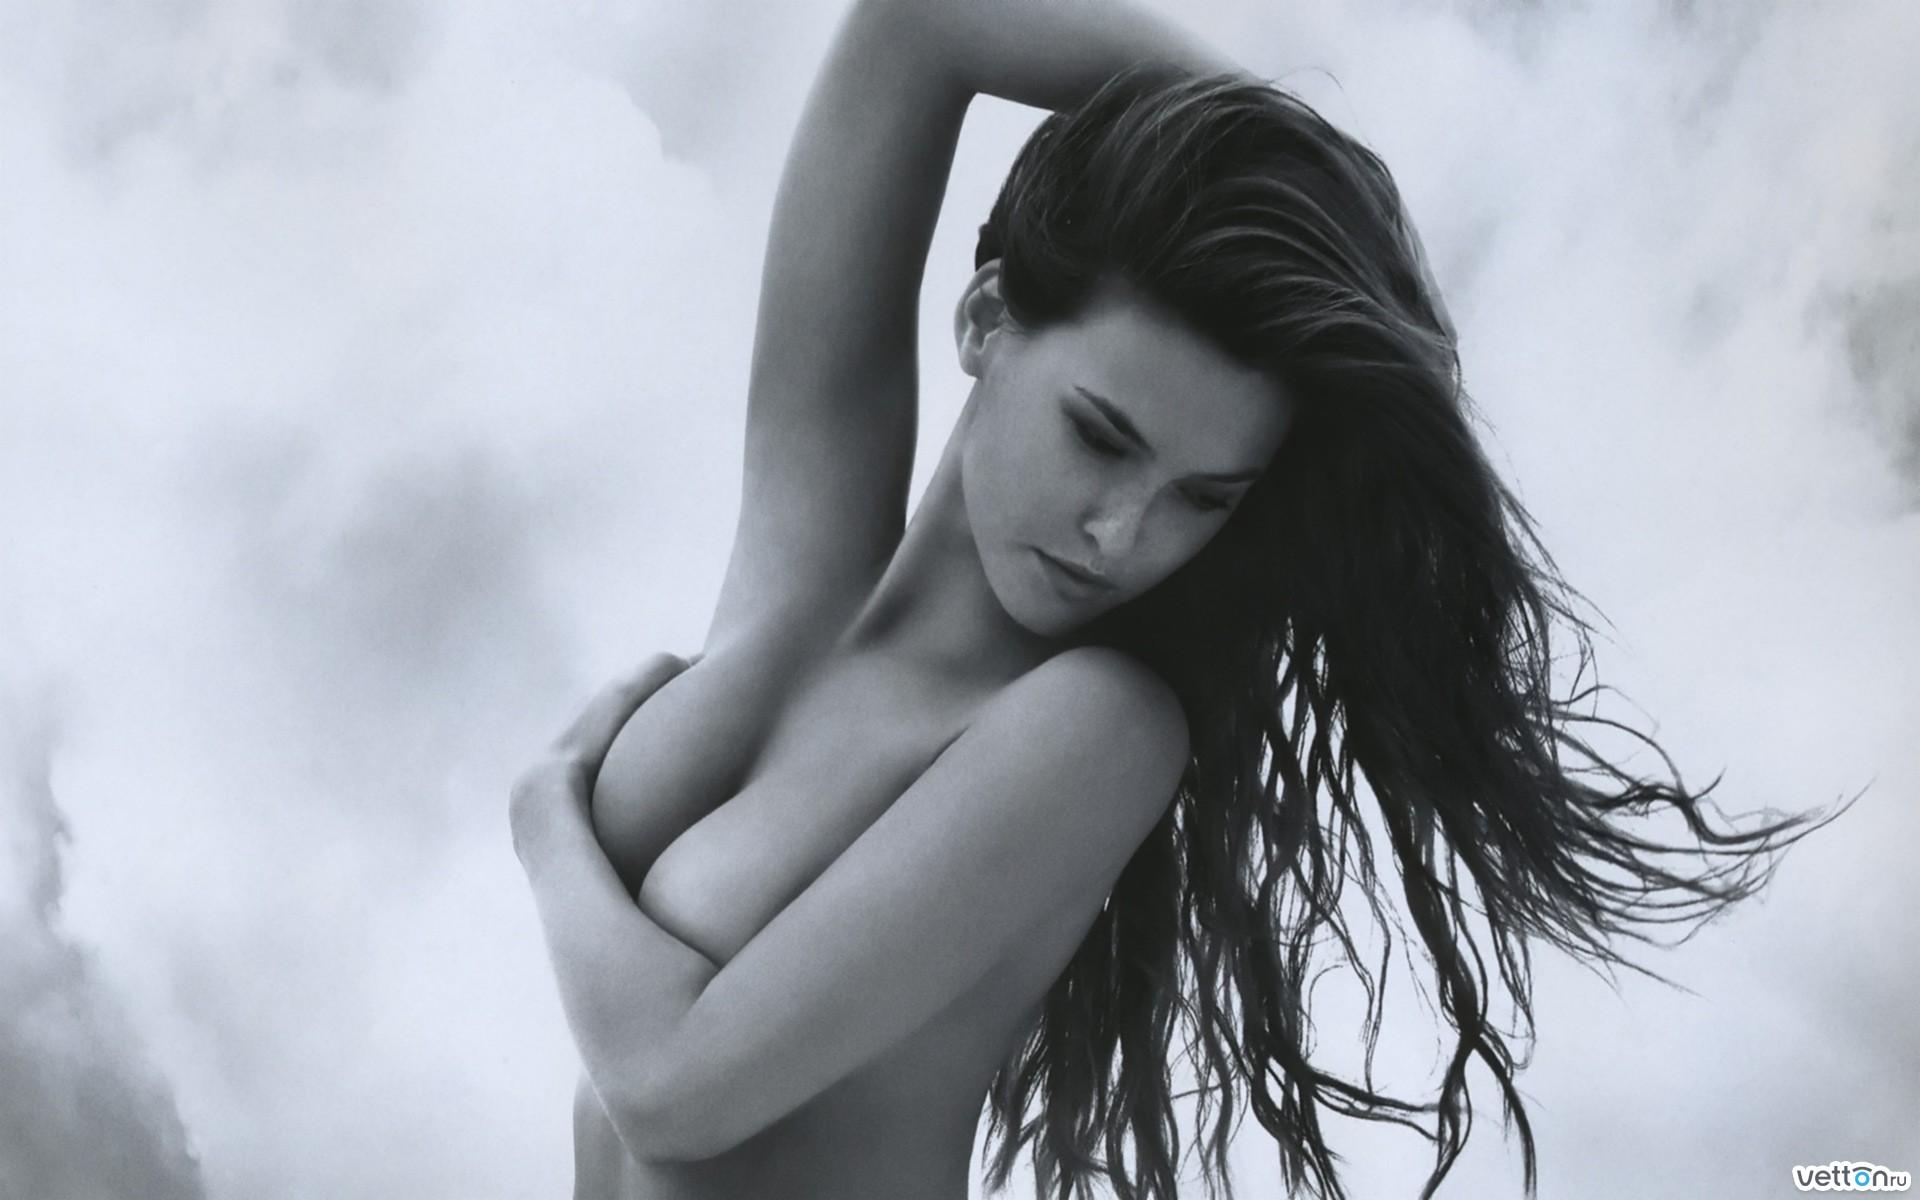 Фотографии с прикрытой грудью 8 фотография